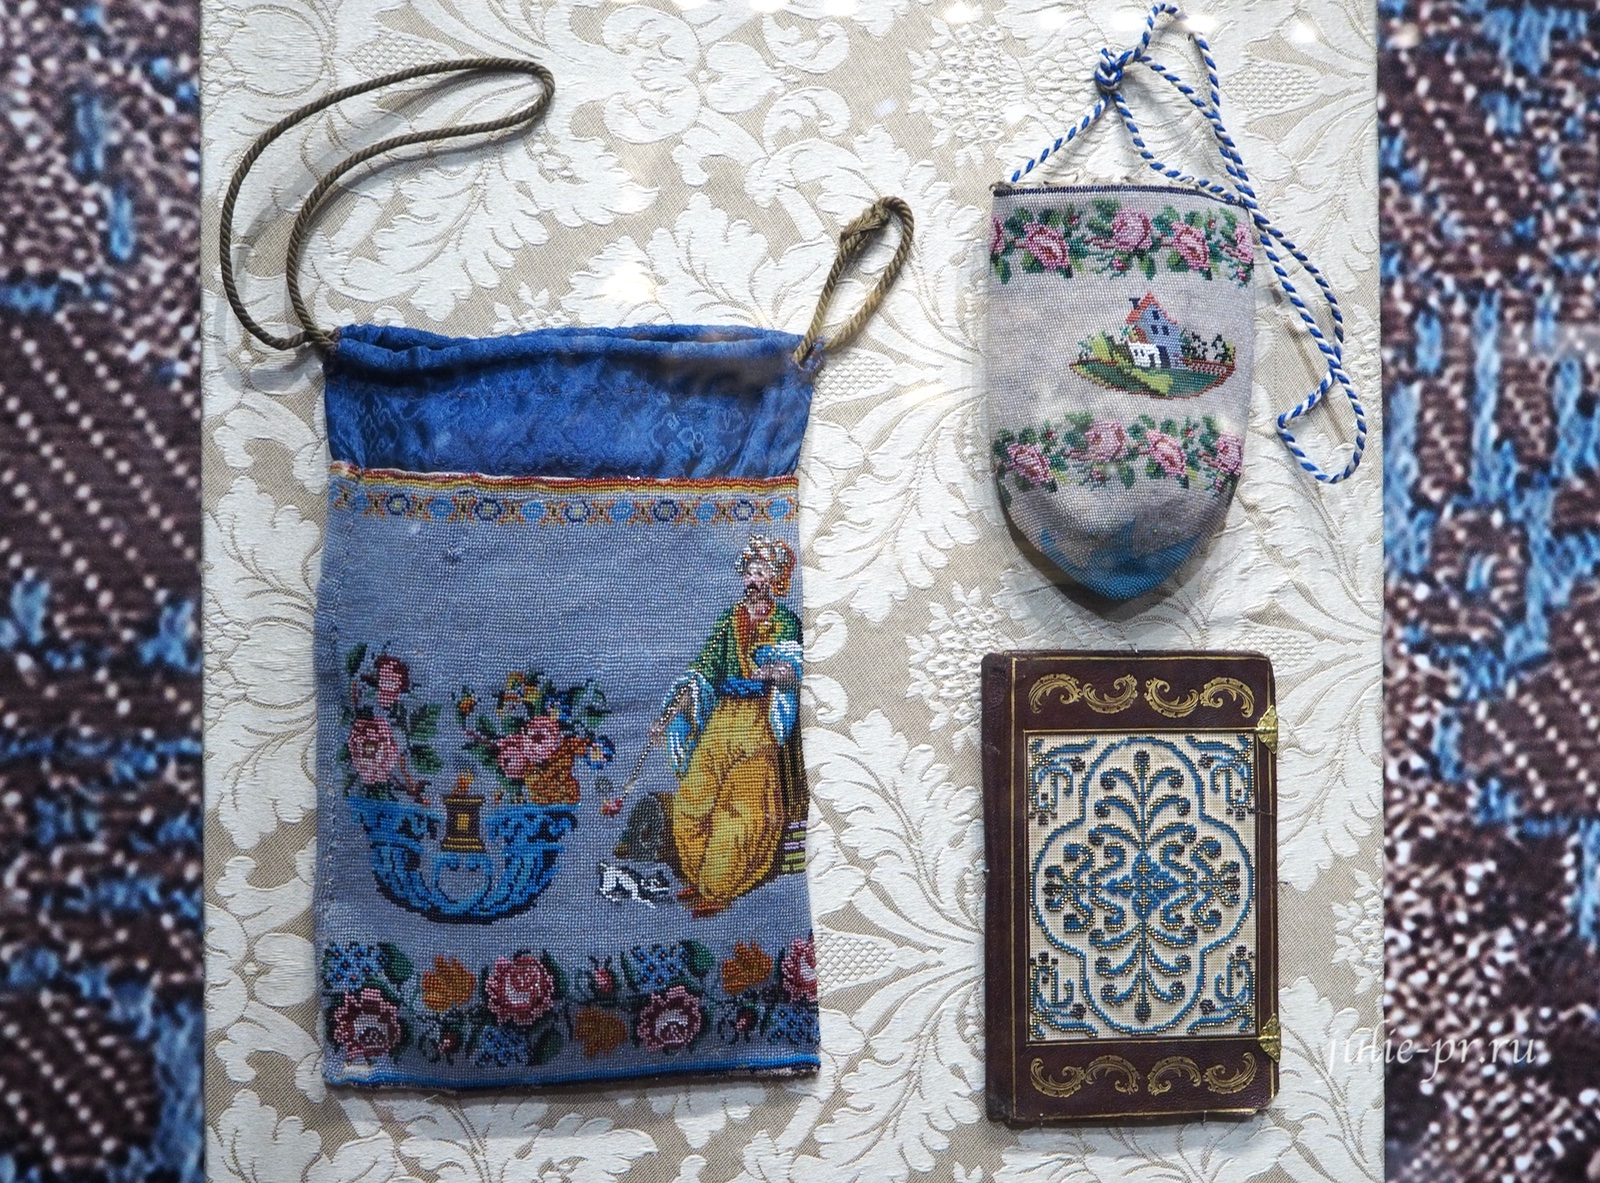 Сумочки (вышивка и вязание с бисером) и бумажник (вышивка бисером по перфорированной бумаге). Россия, первая половина XIX века